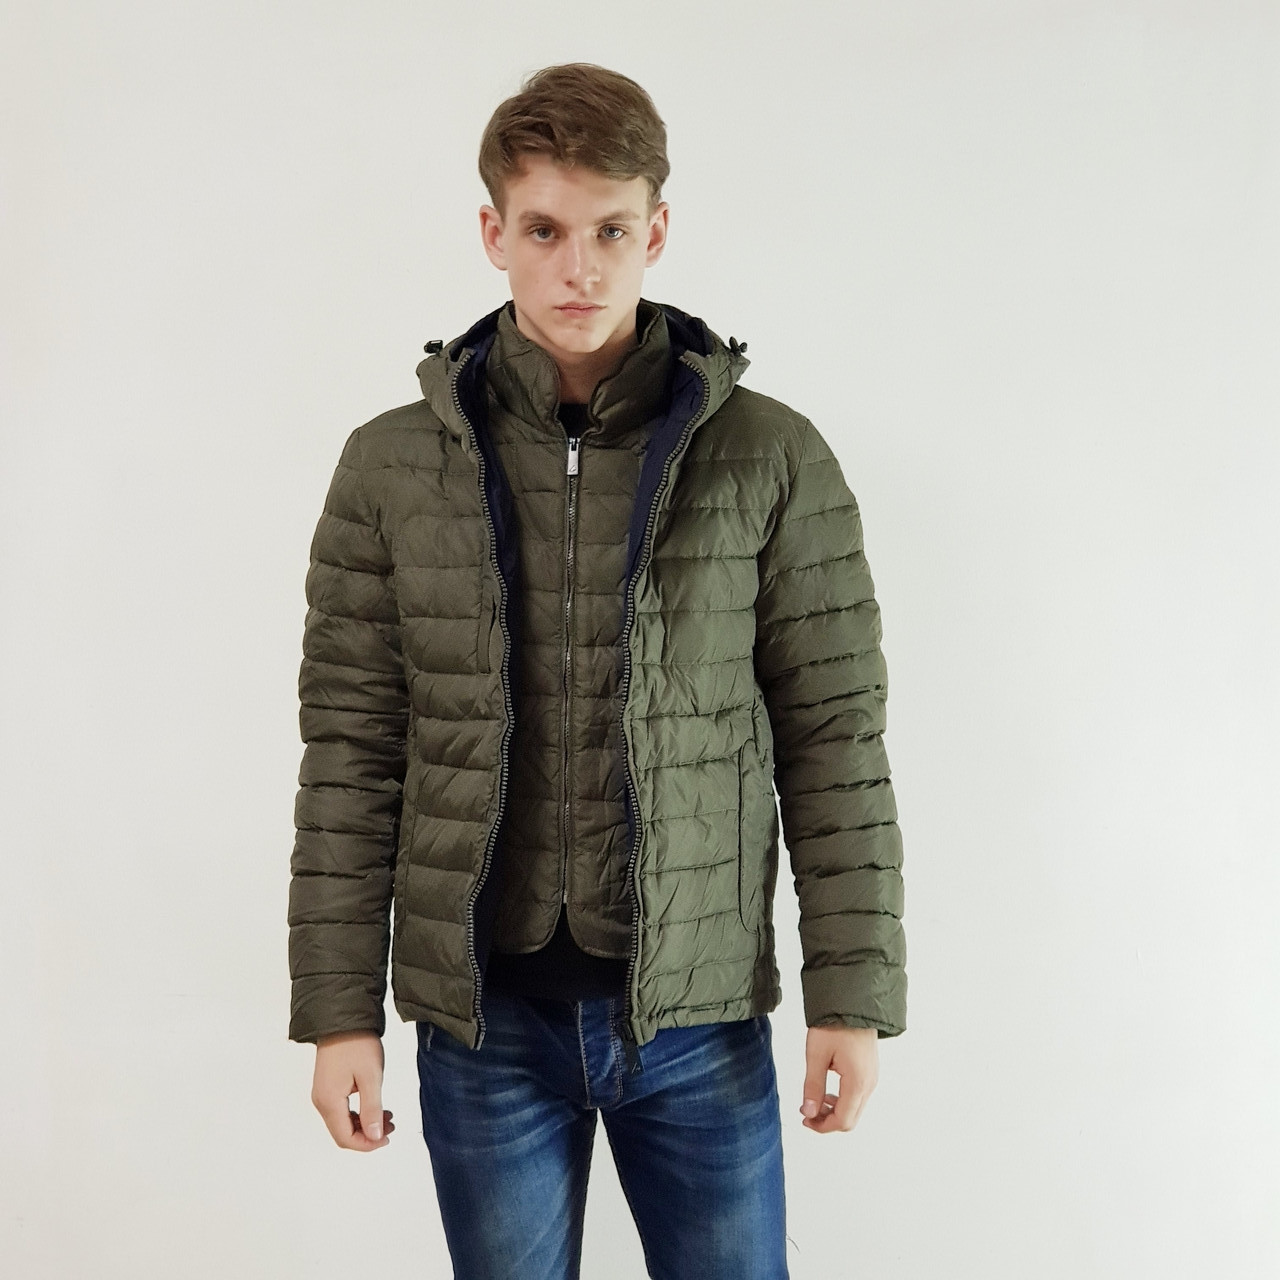 Куртка мужская зимняя Snowimage с капюшоном 50 оливковый 119-4413